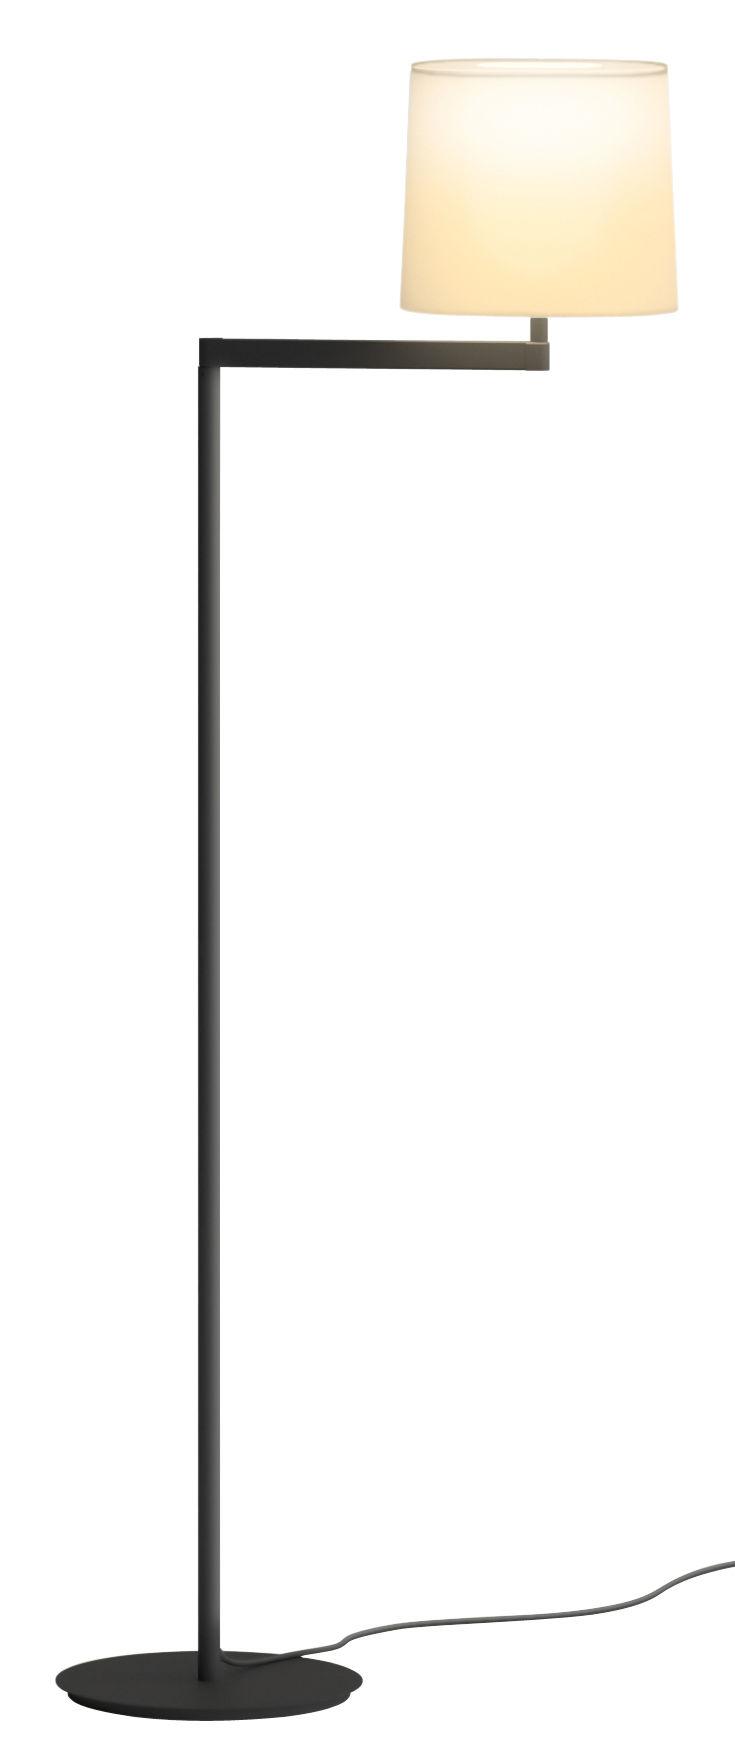 Luminaire - Lampadaires - Lampadaire Swing / H 128 cm - Vibia - Gris graphite - Acier, Fibre de verre, PVC